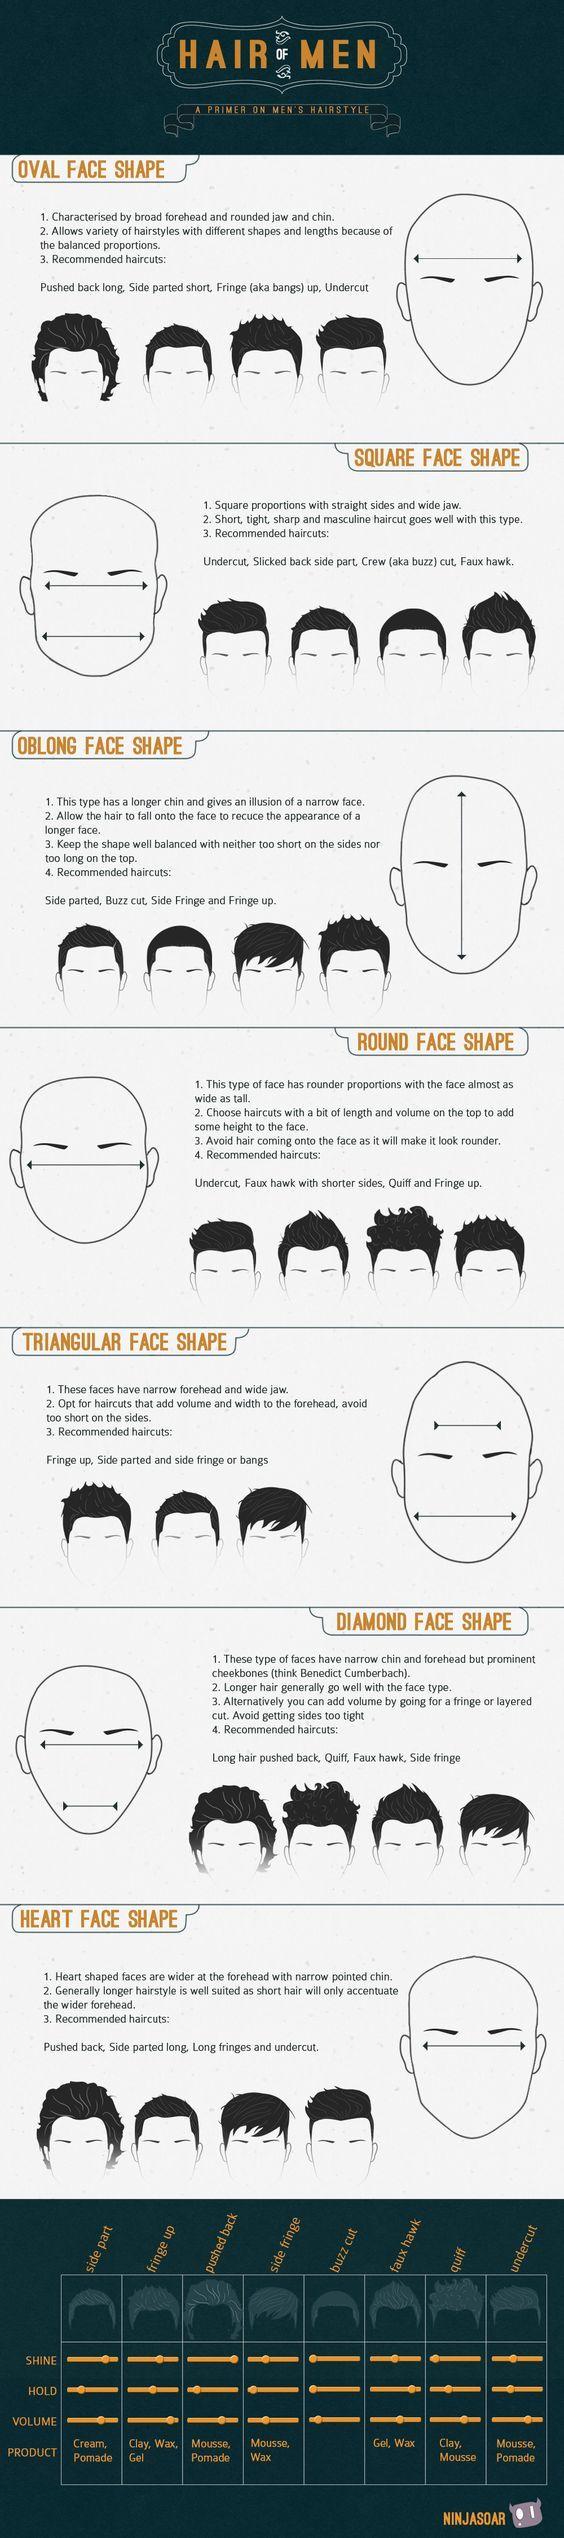 자신의 얼굴형에 맞는 최적의 남성 헤어 스타일 제안~ 참고만 하세요... 인포그래픽 by Ninjasoar :: NEOEARLY* by 라디오키즈